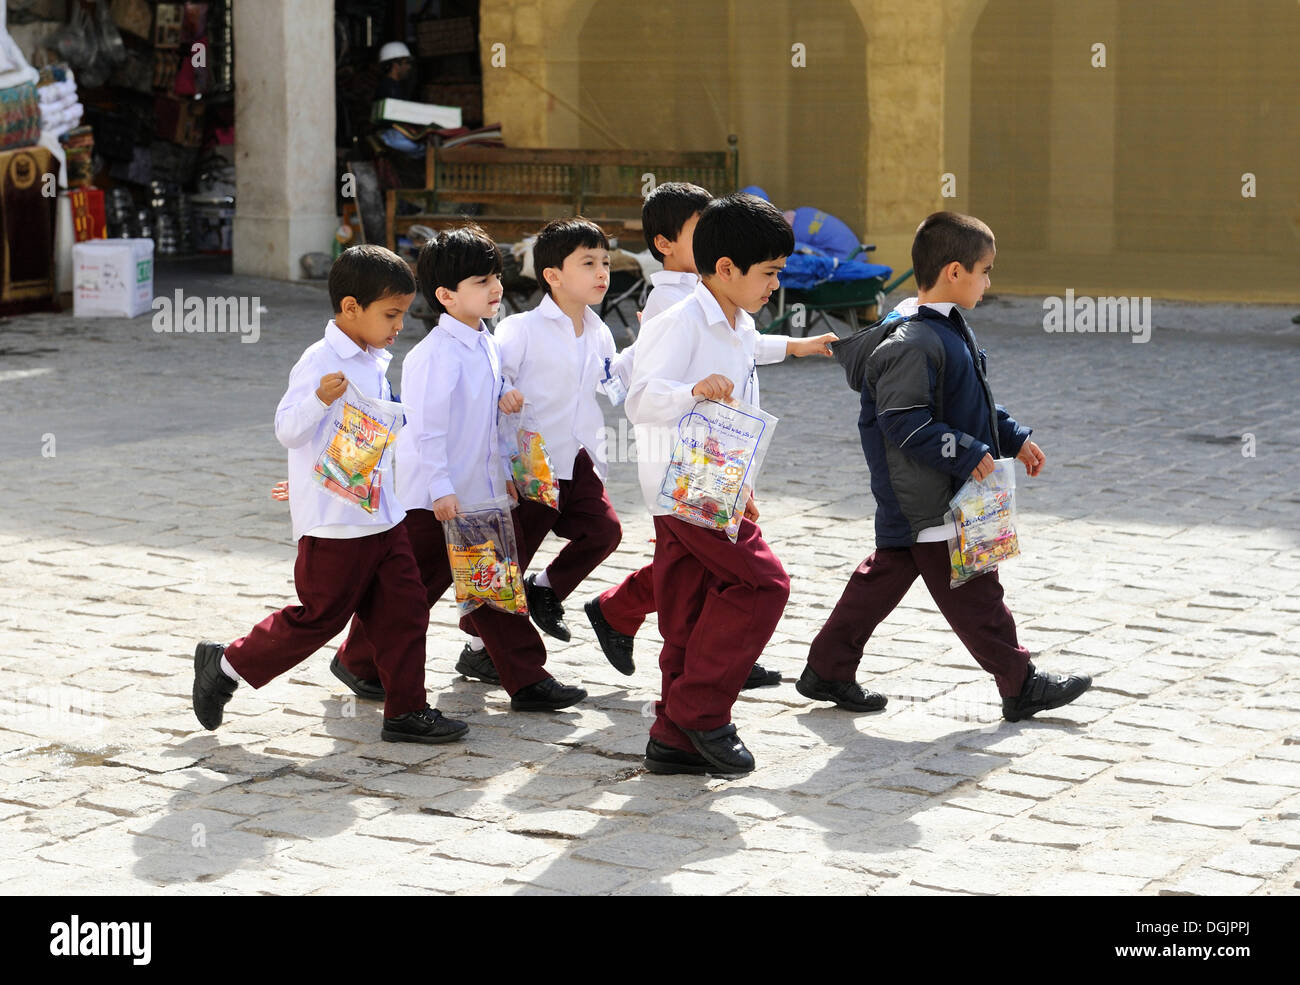 Schülerinnen und Schüler tragen Schuluniformen, Doha, Qatar, Arabische Halbinsel, Persischen Golf, mittleren Osten, Asien Stockbild